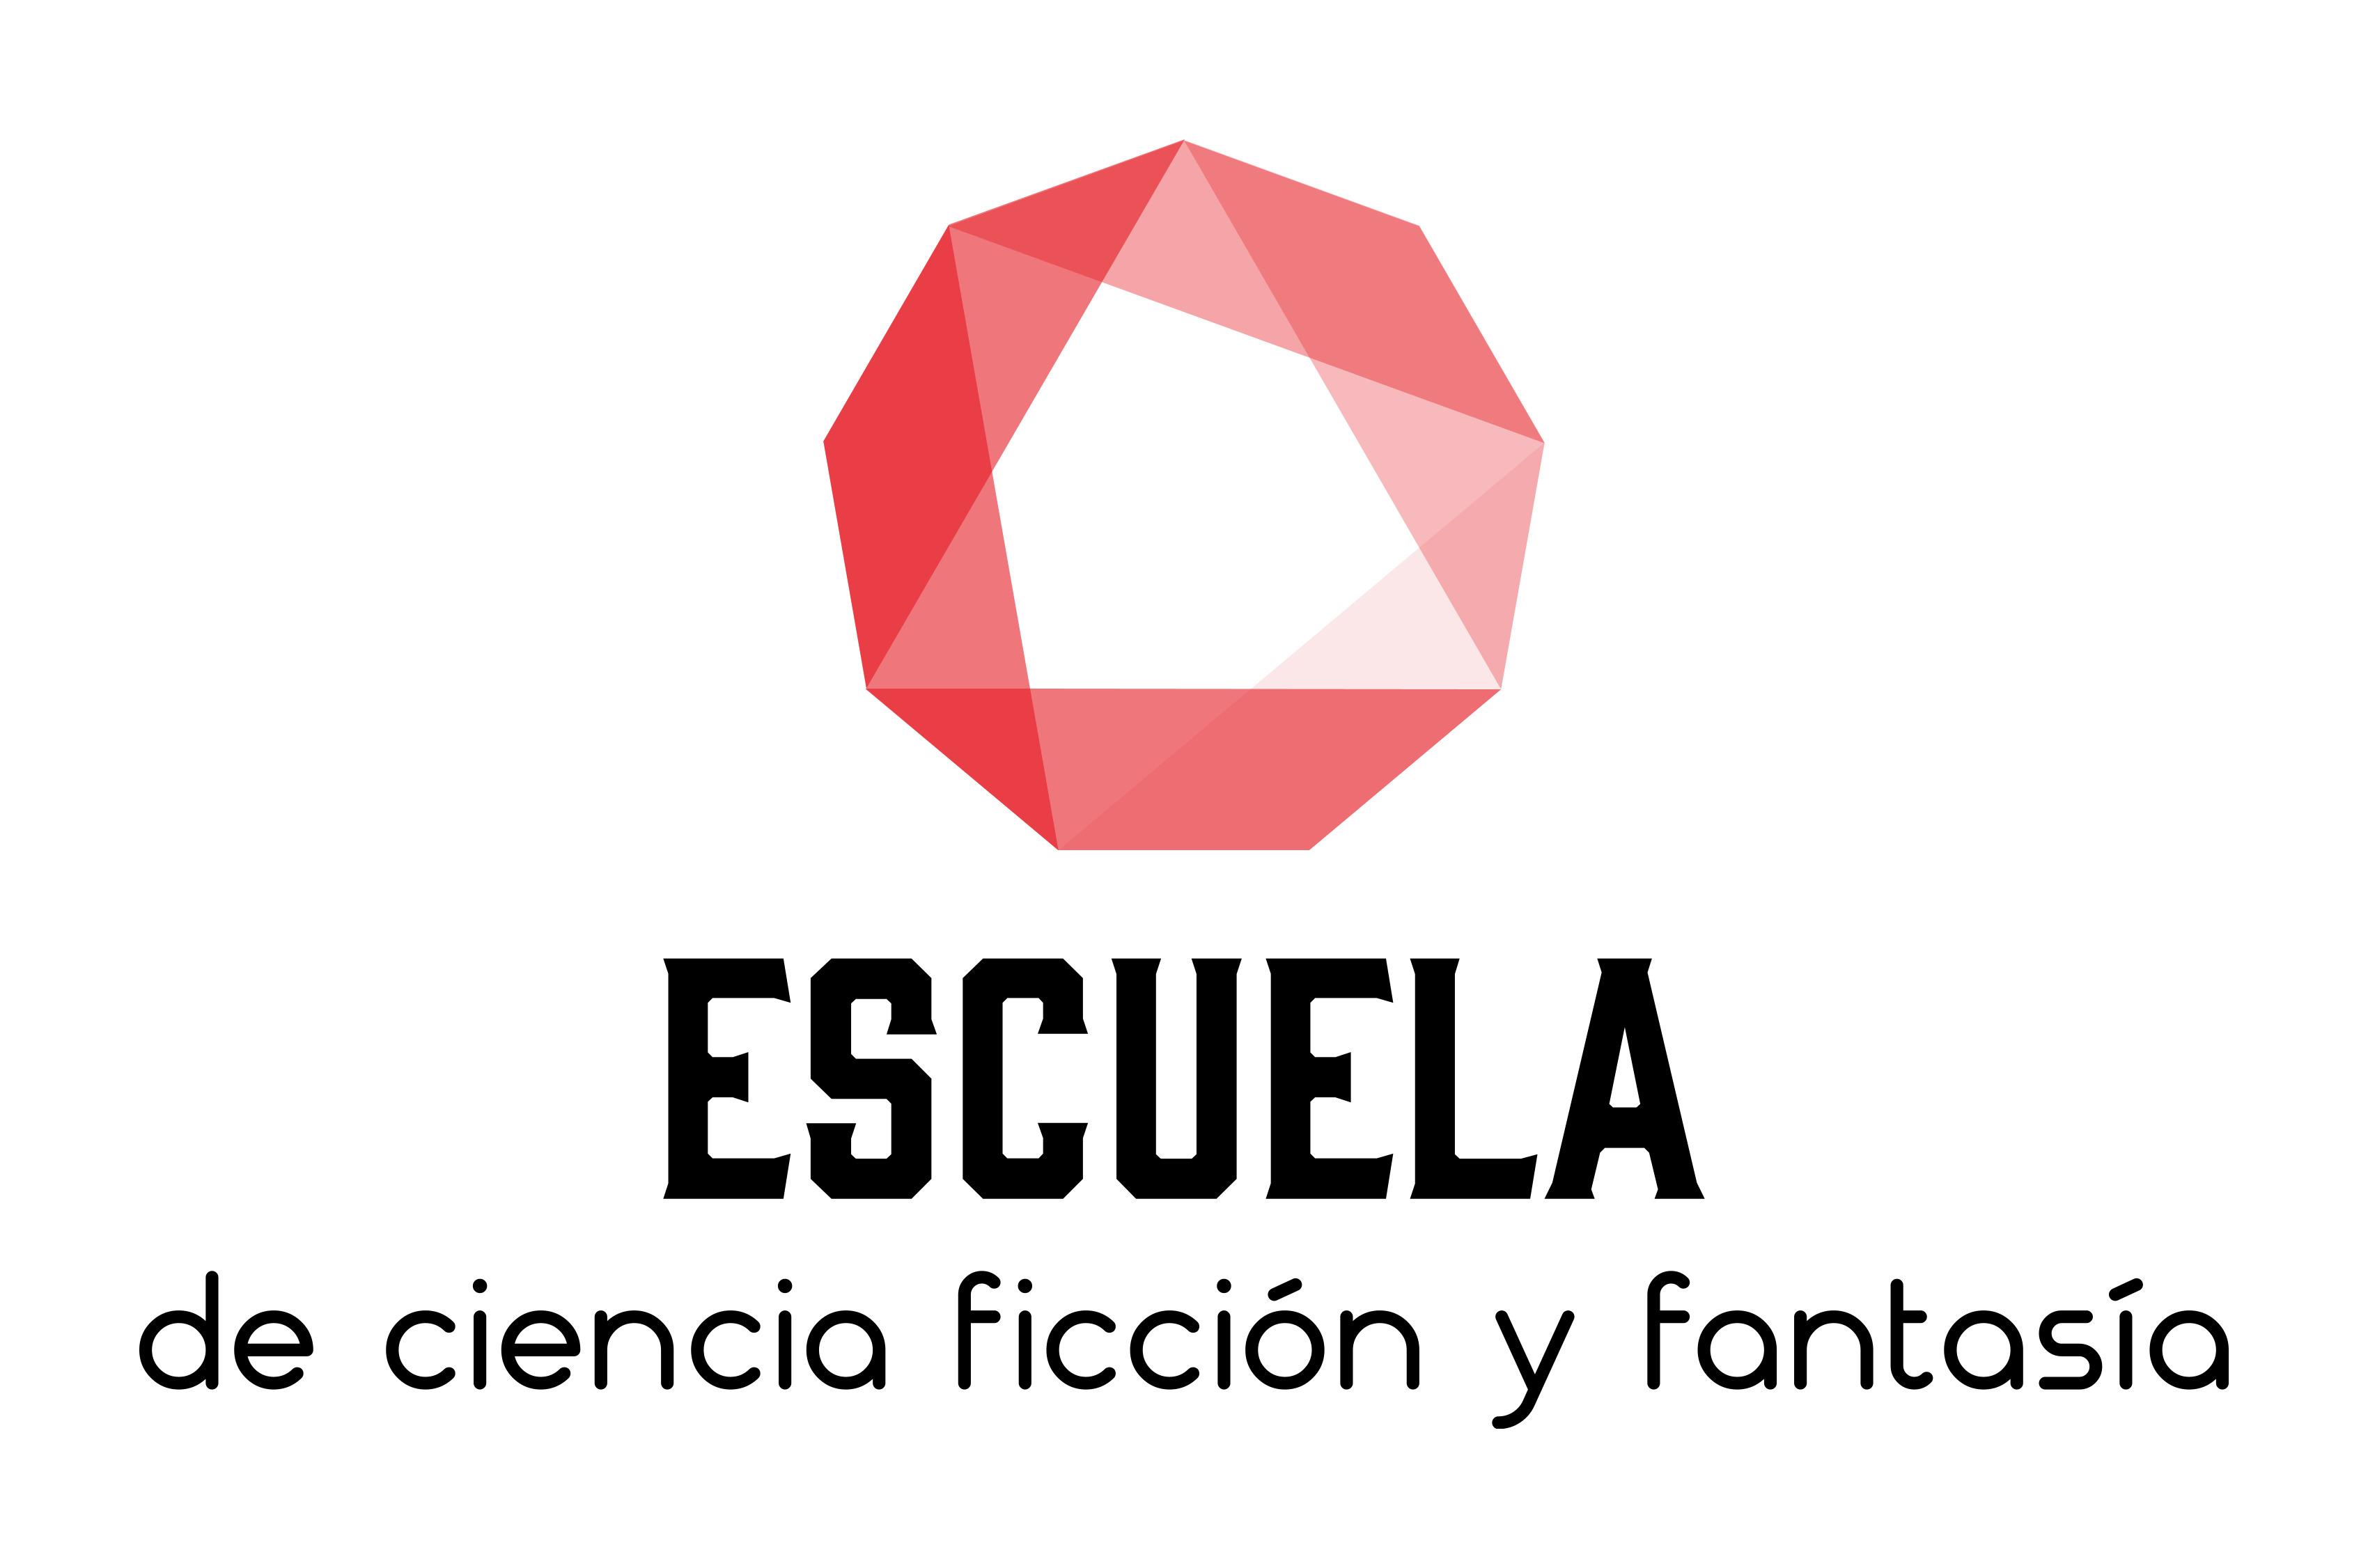 Escuela de ciencia ficción y fantasía